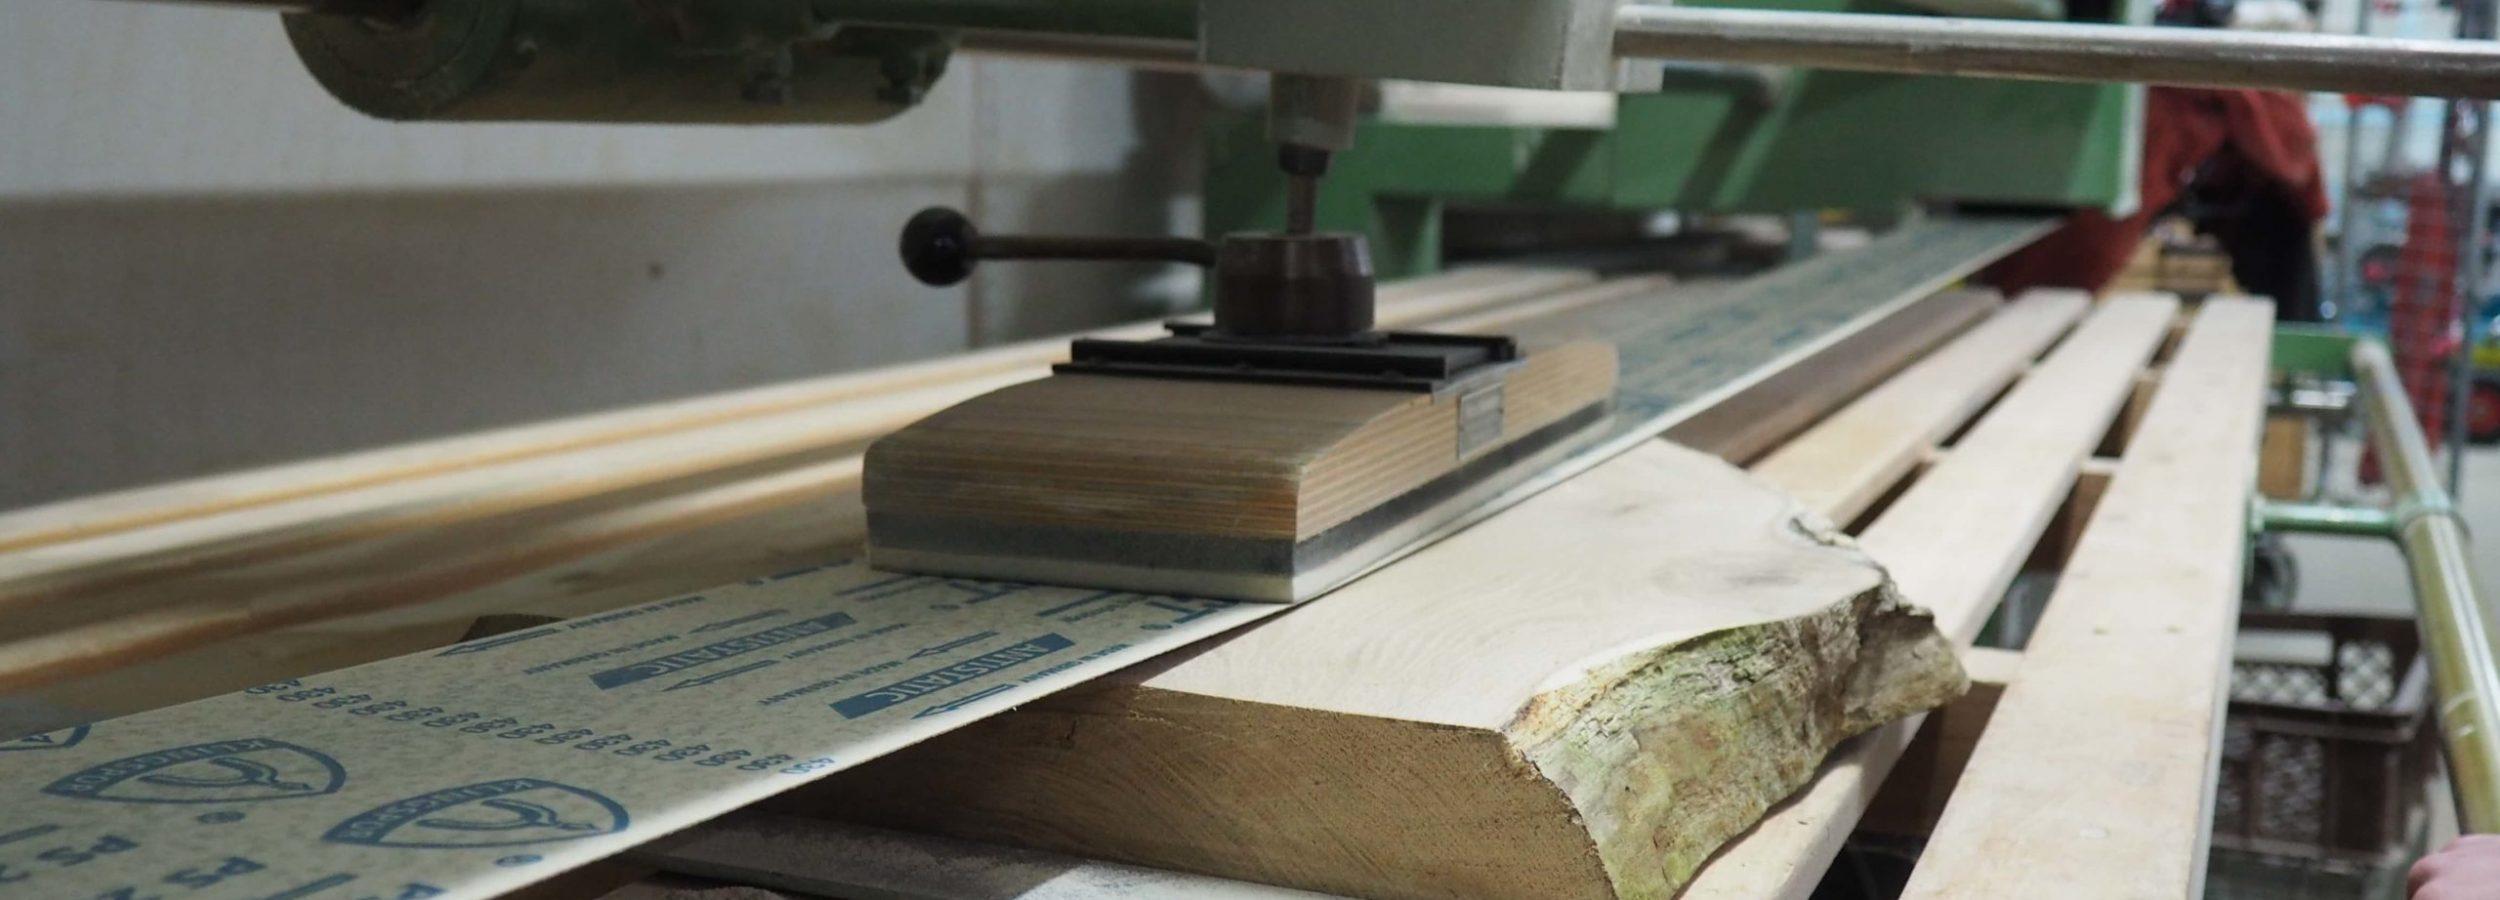 Schleifmaschine-Detail